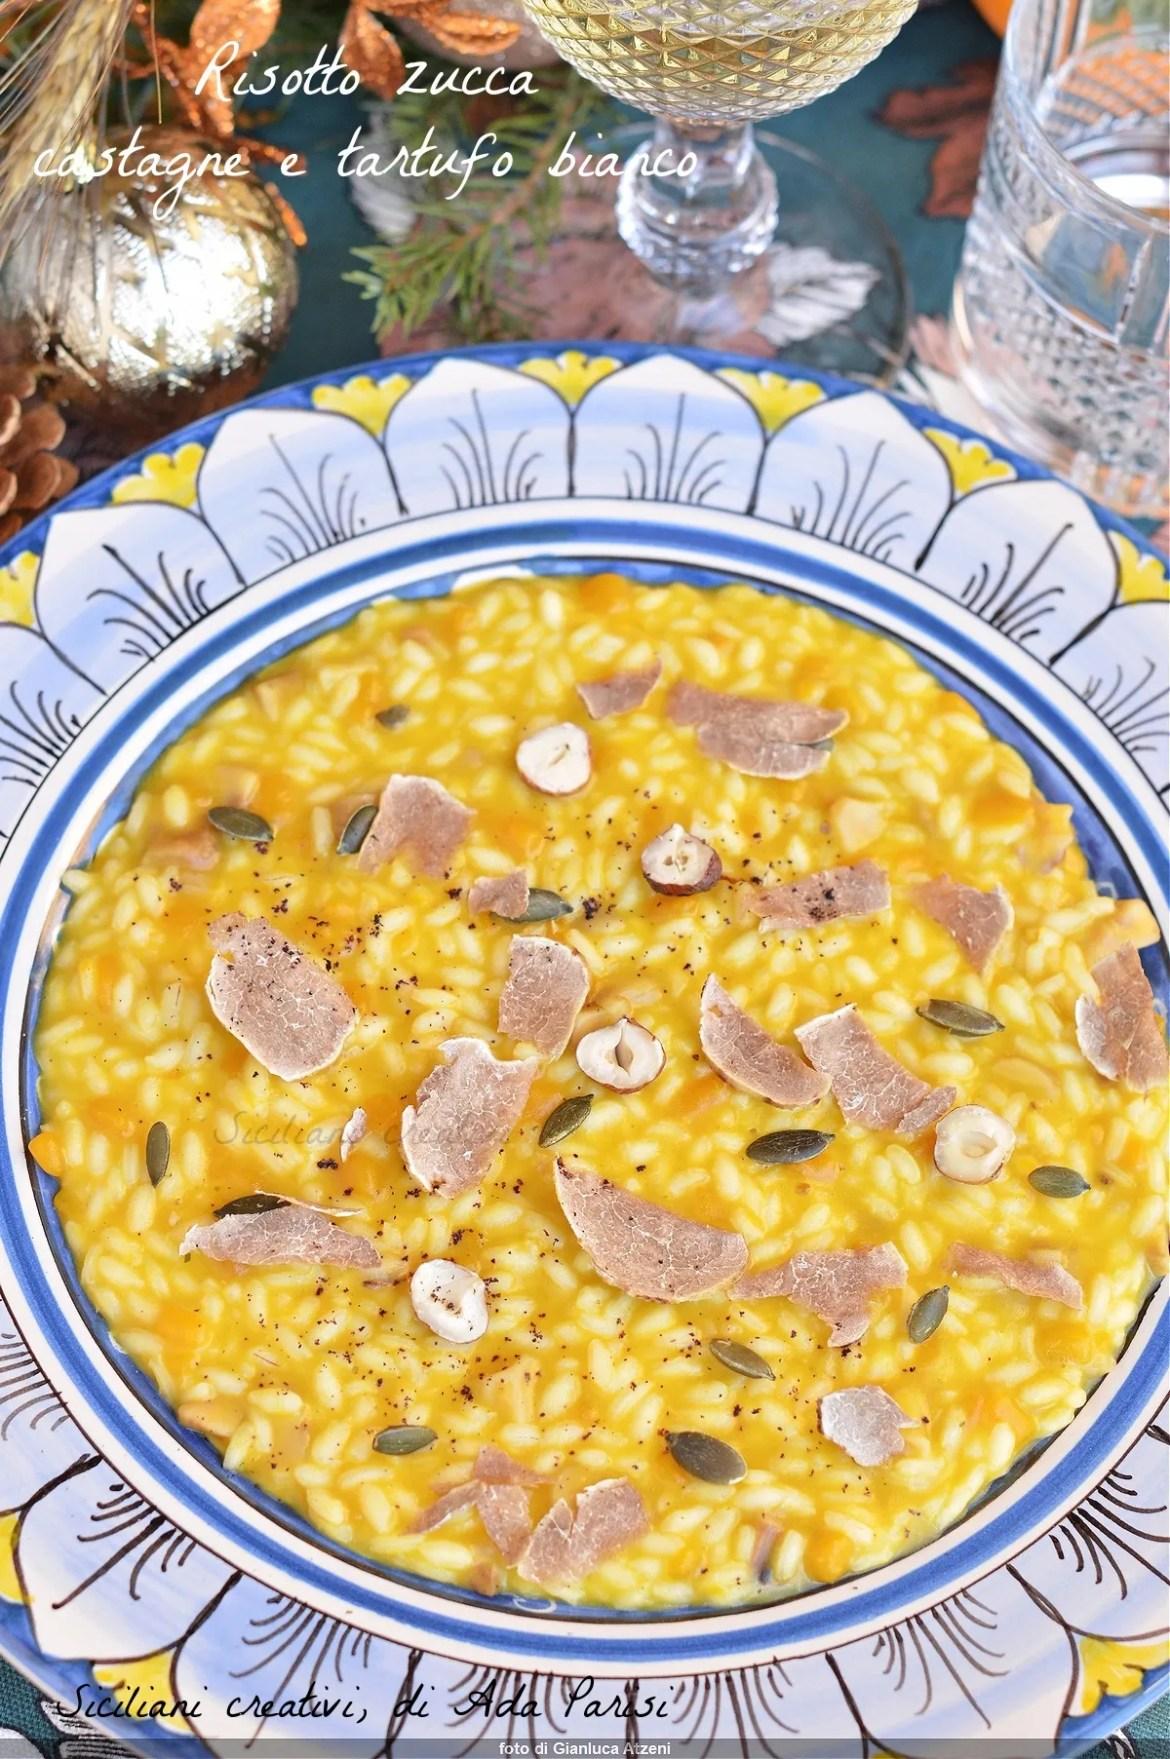 Risotto zucca castagne e tartufo bianco